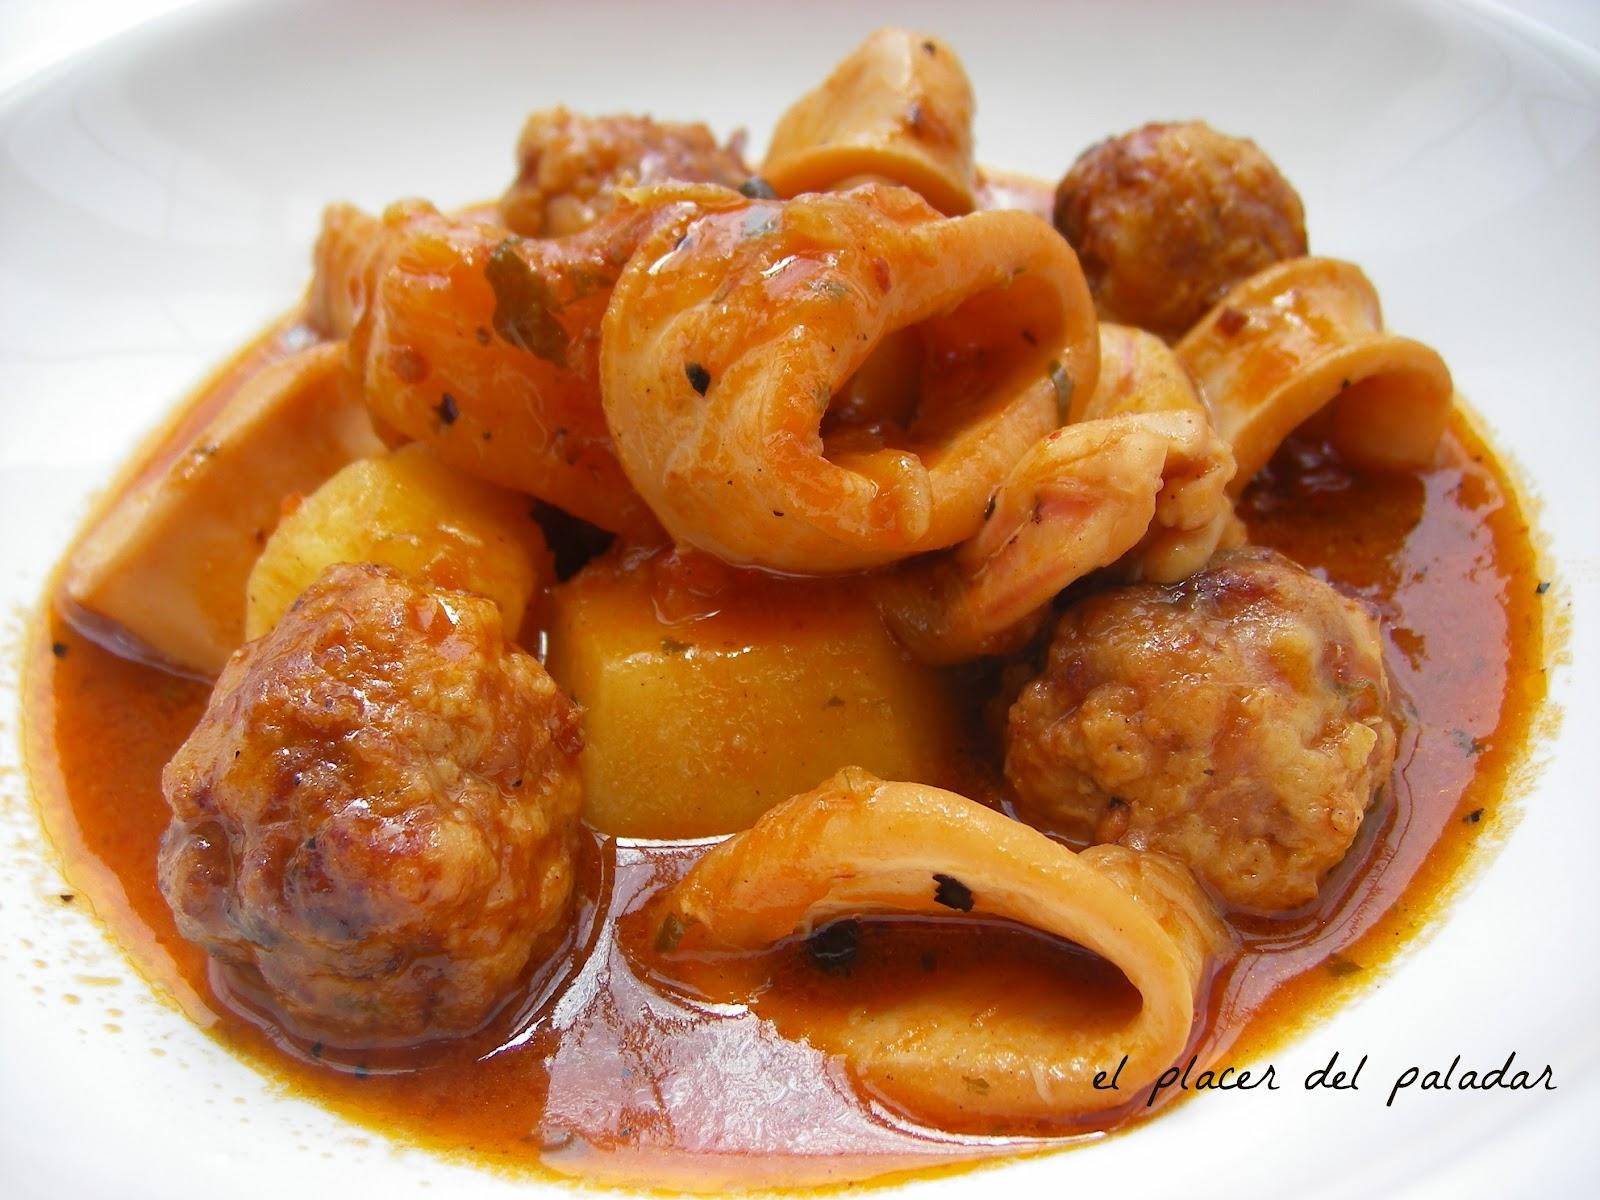 El placer del paladar guisado de alb ndigas y calamar - Albondigas de patata ...